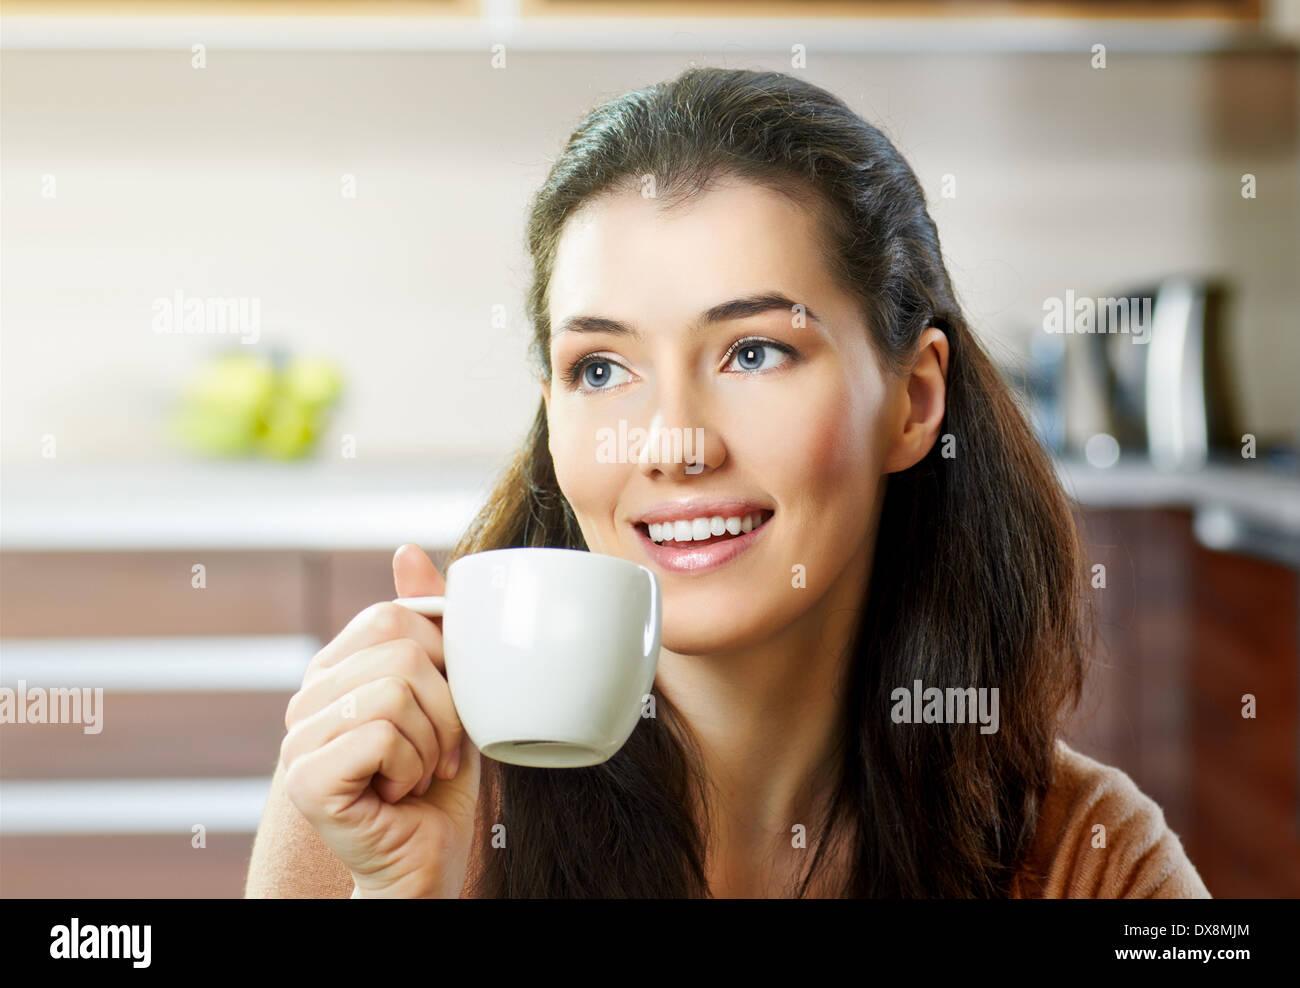 eine Schönheit Mädchen auf dem Hintergrund der Küche Stockbild